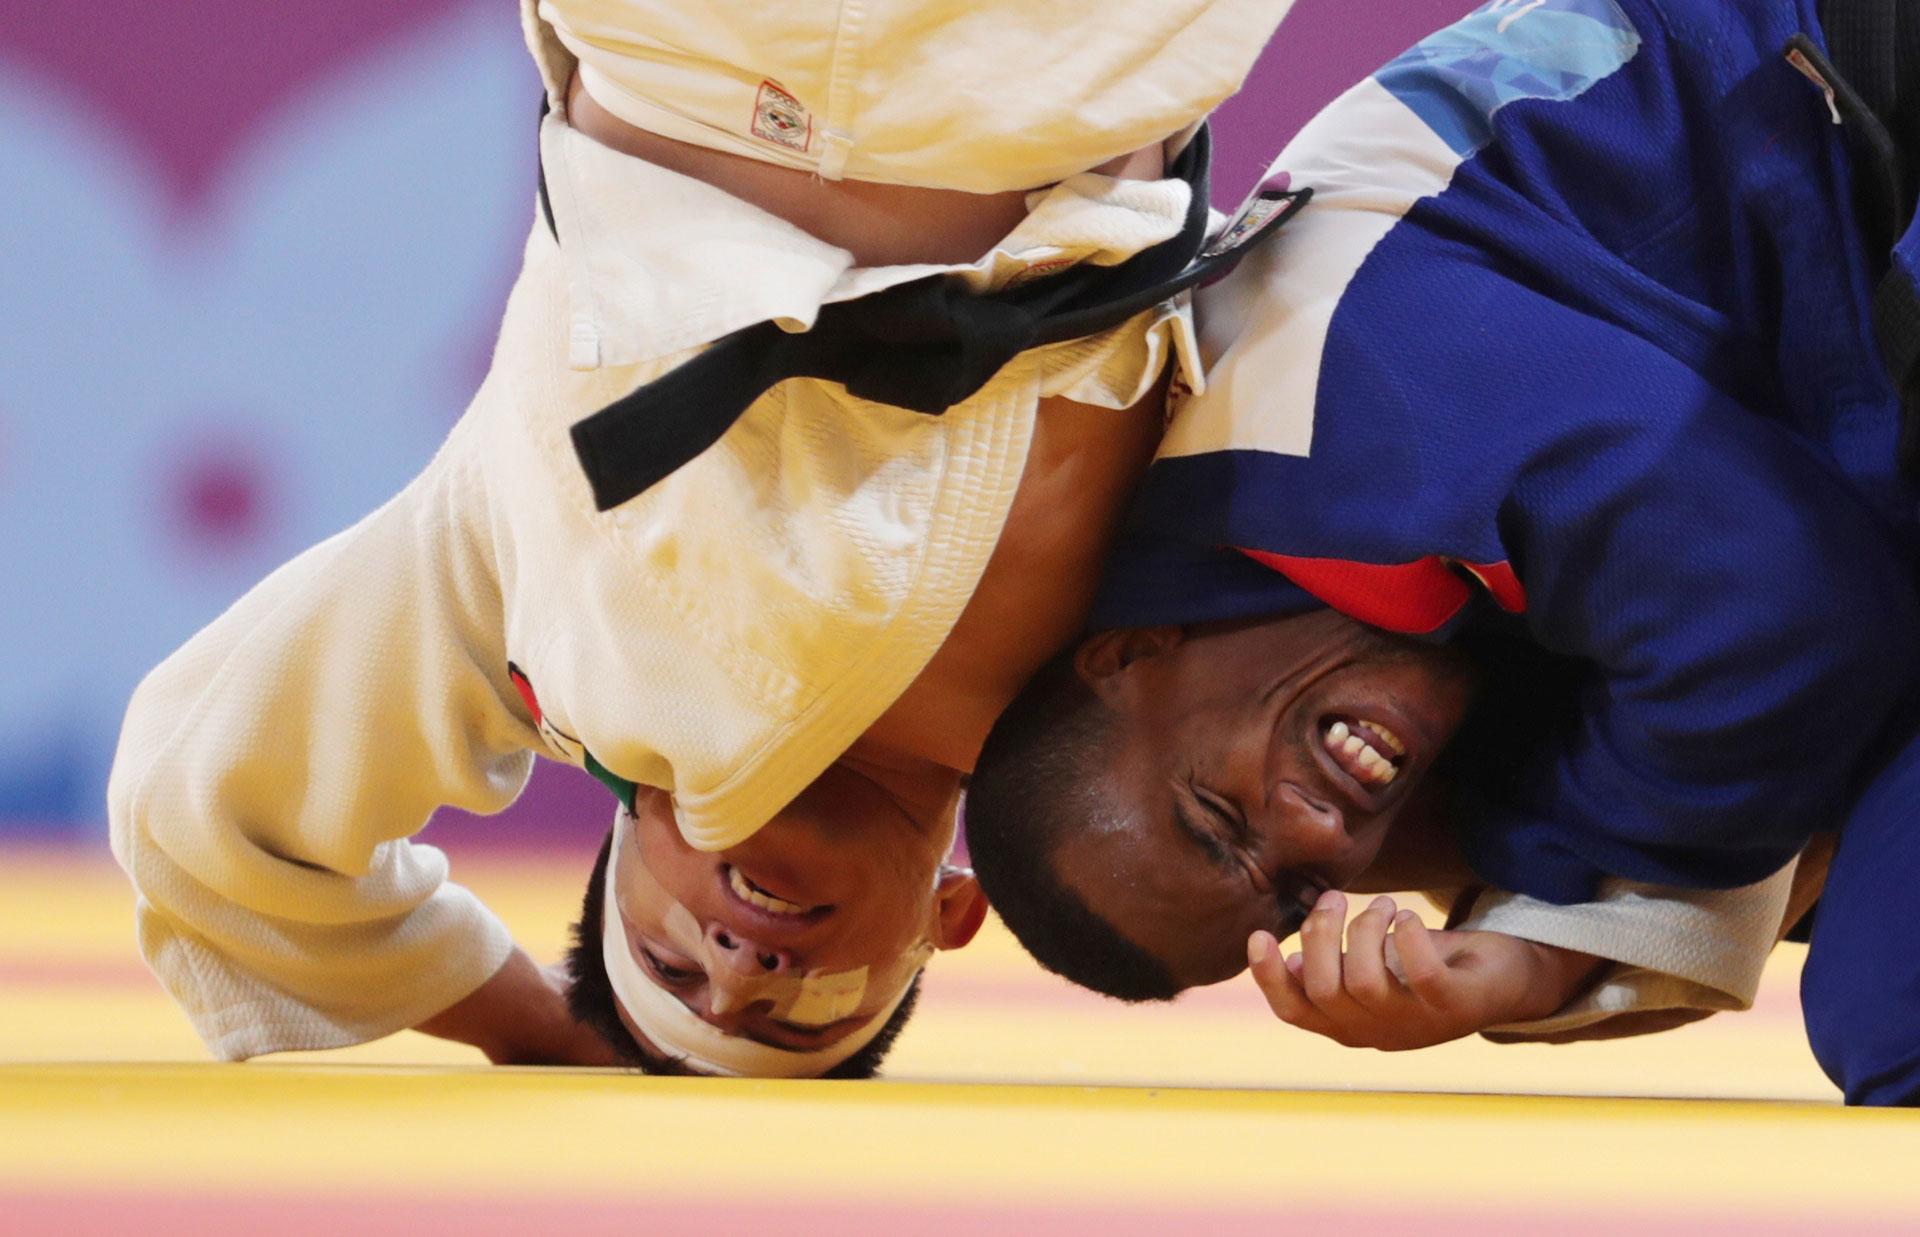 El cubano Osniel Solis y el mexicano Nabor Castillo se midieron en judo